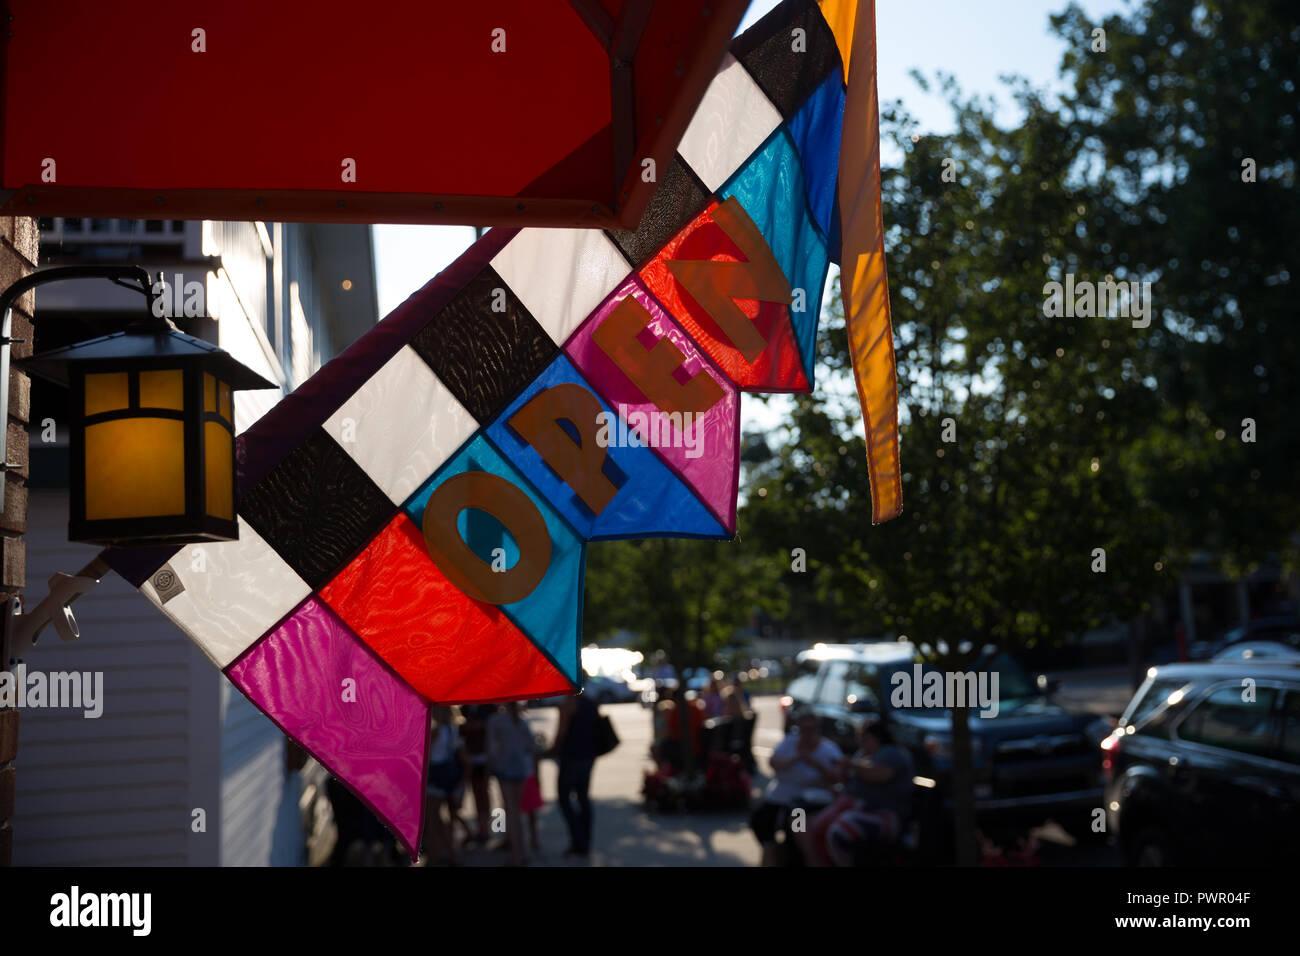 Tienda de negocios abiertos coloreados sobre un signo distintivo - Saugatuck, MI Imagen De Stock